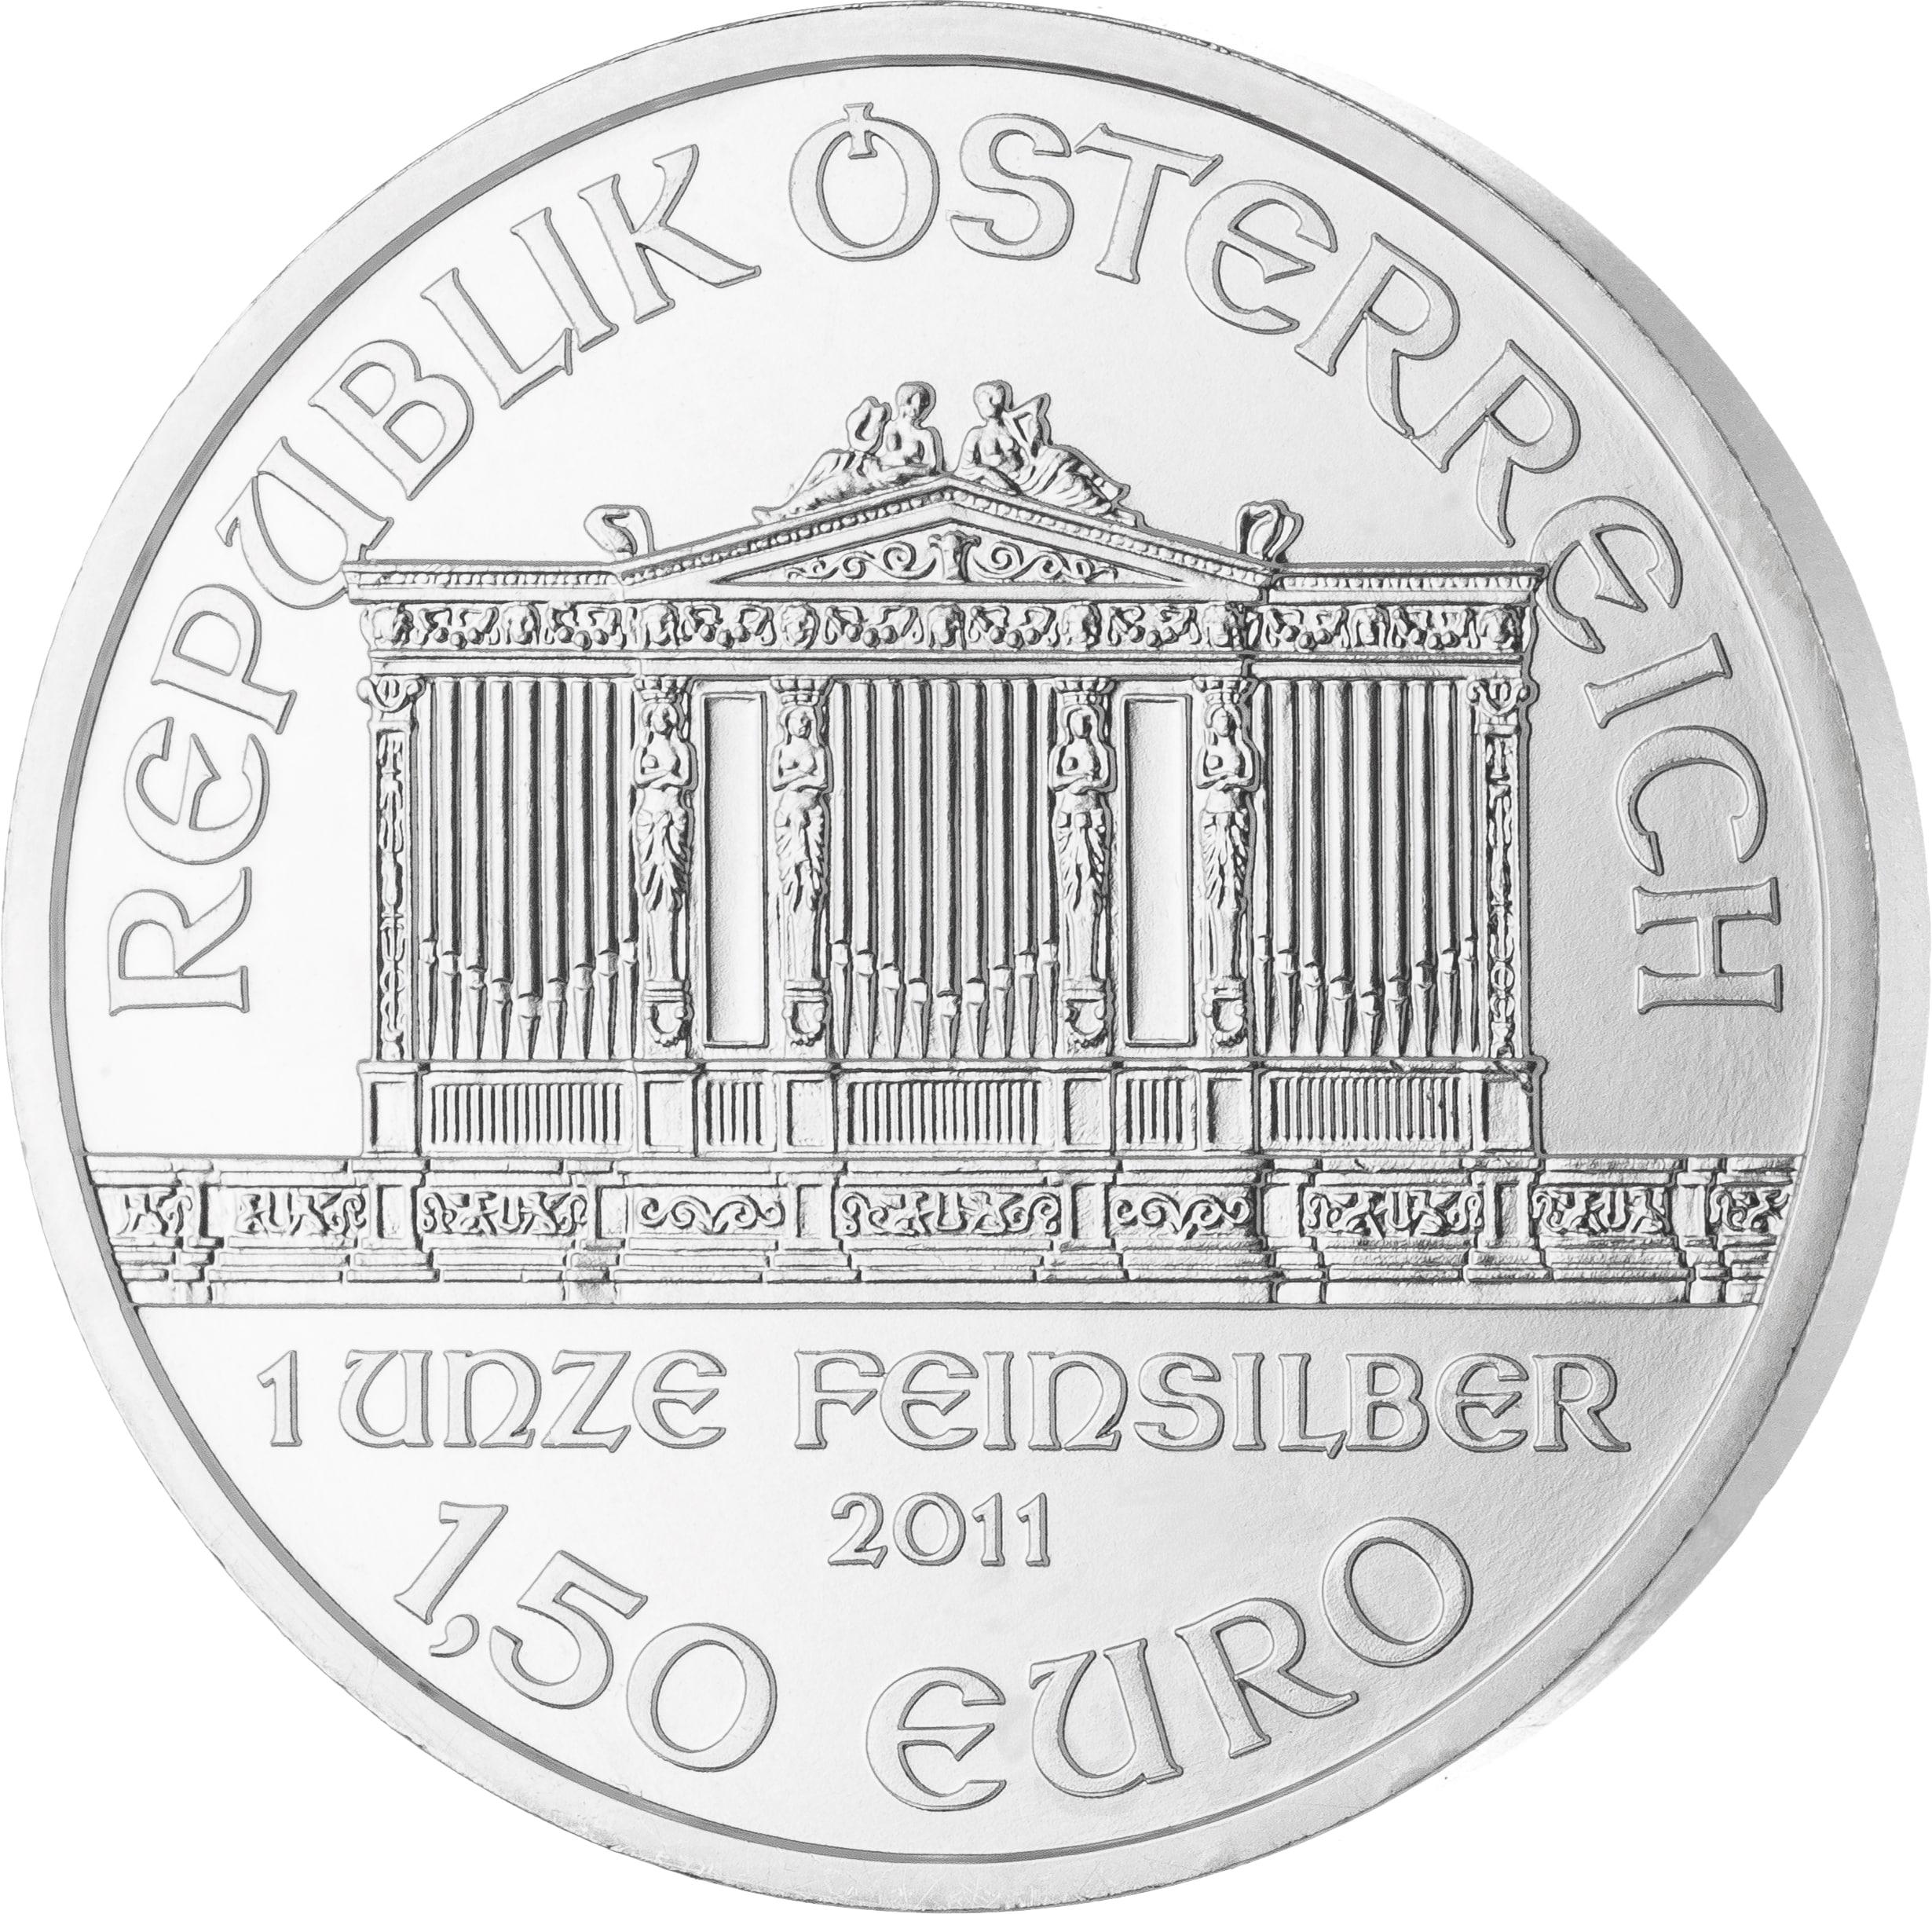 1 Unze Wiener Philharmoniker Silbermünze Vorderseite